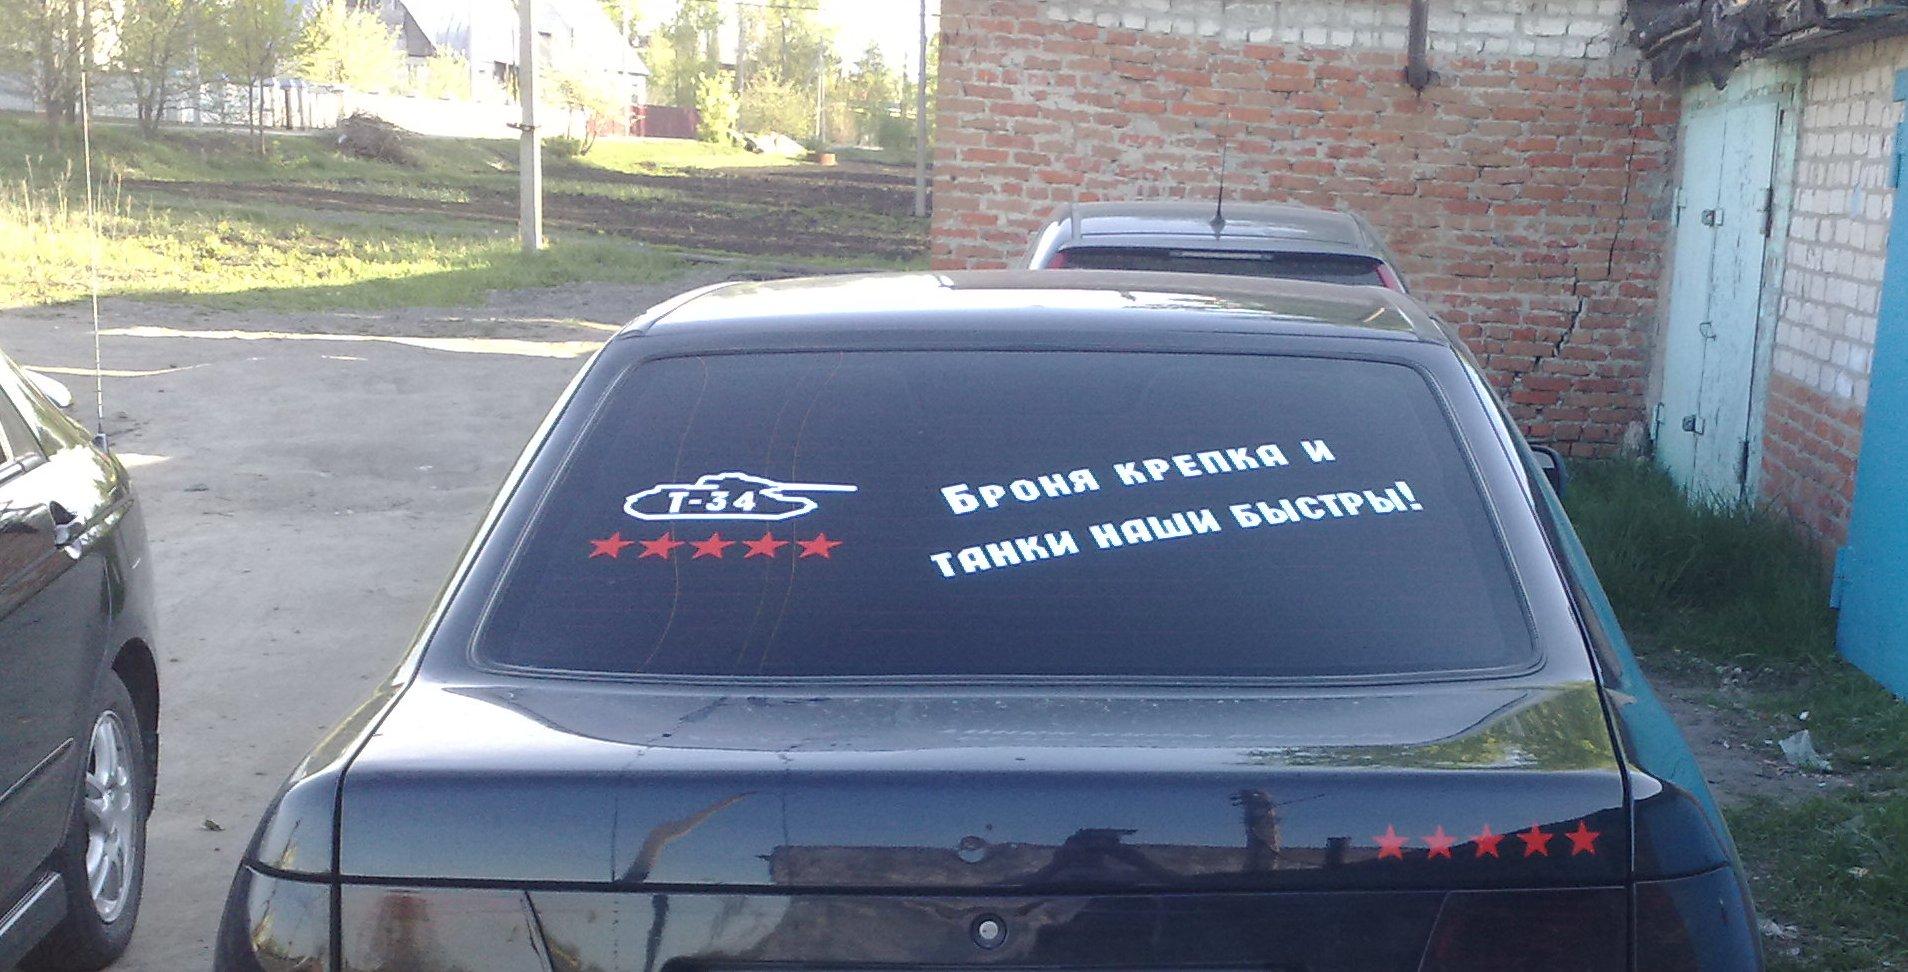 Наклейки на авто фото надписи